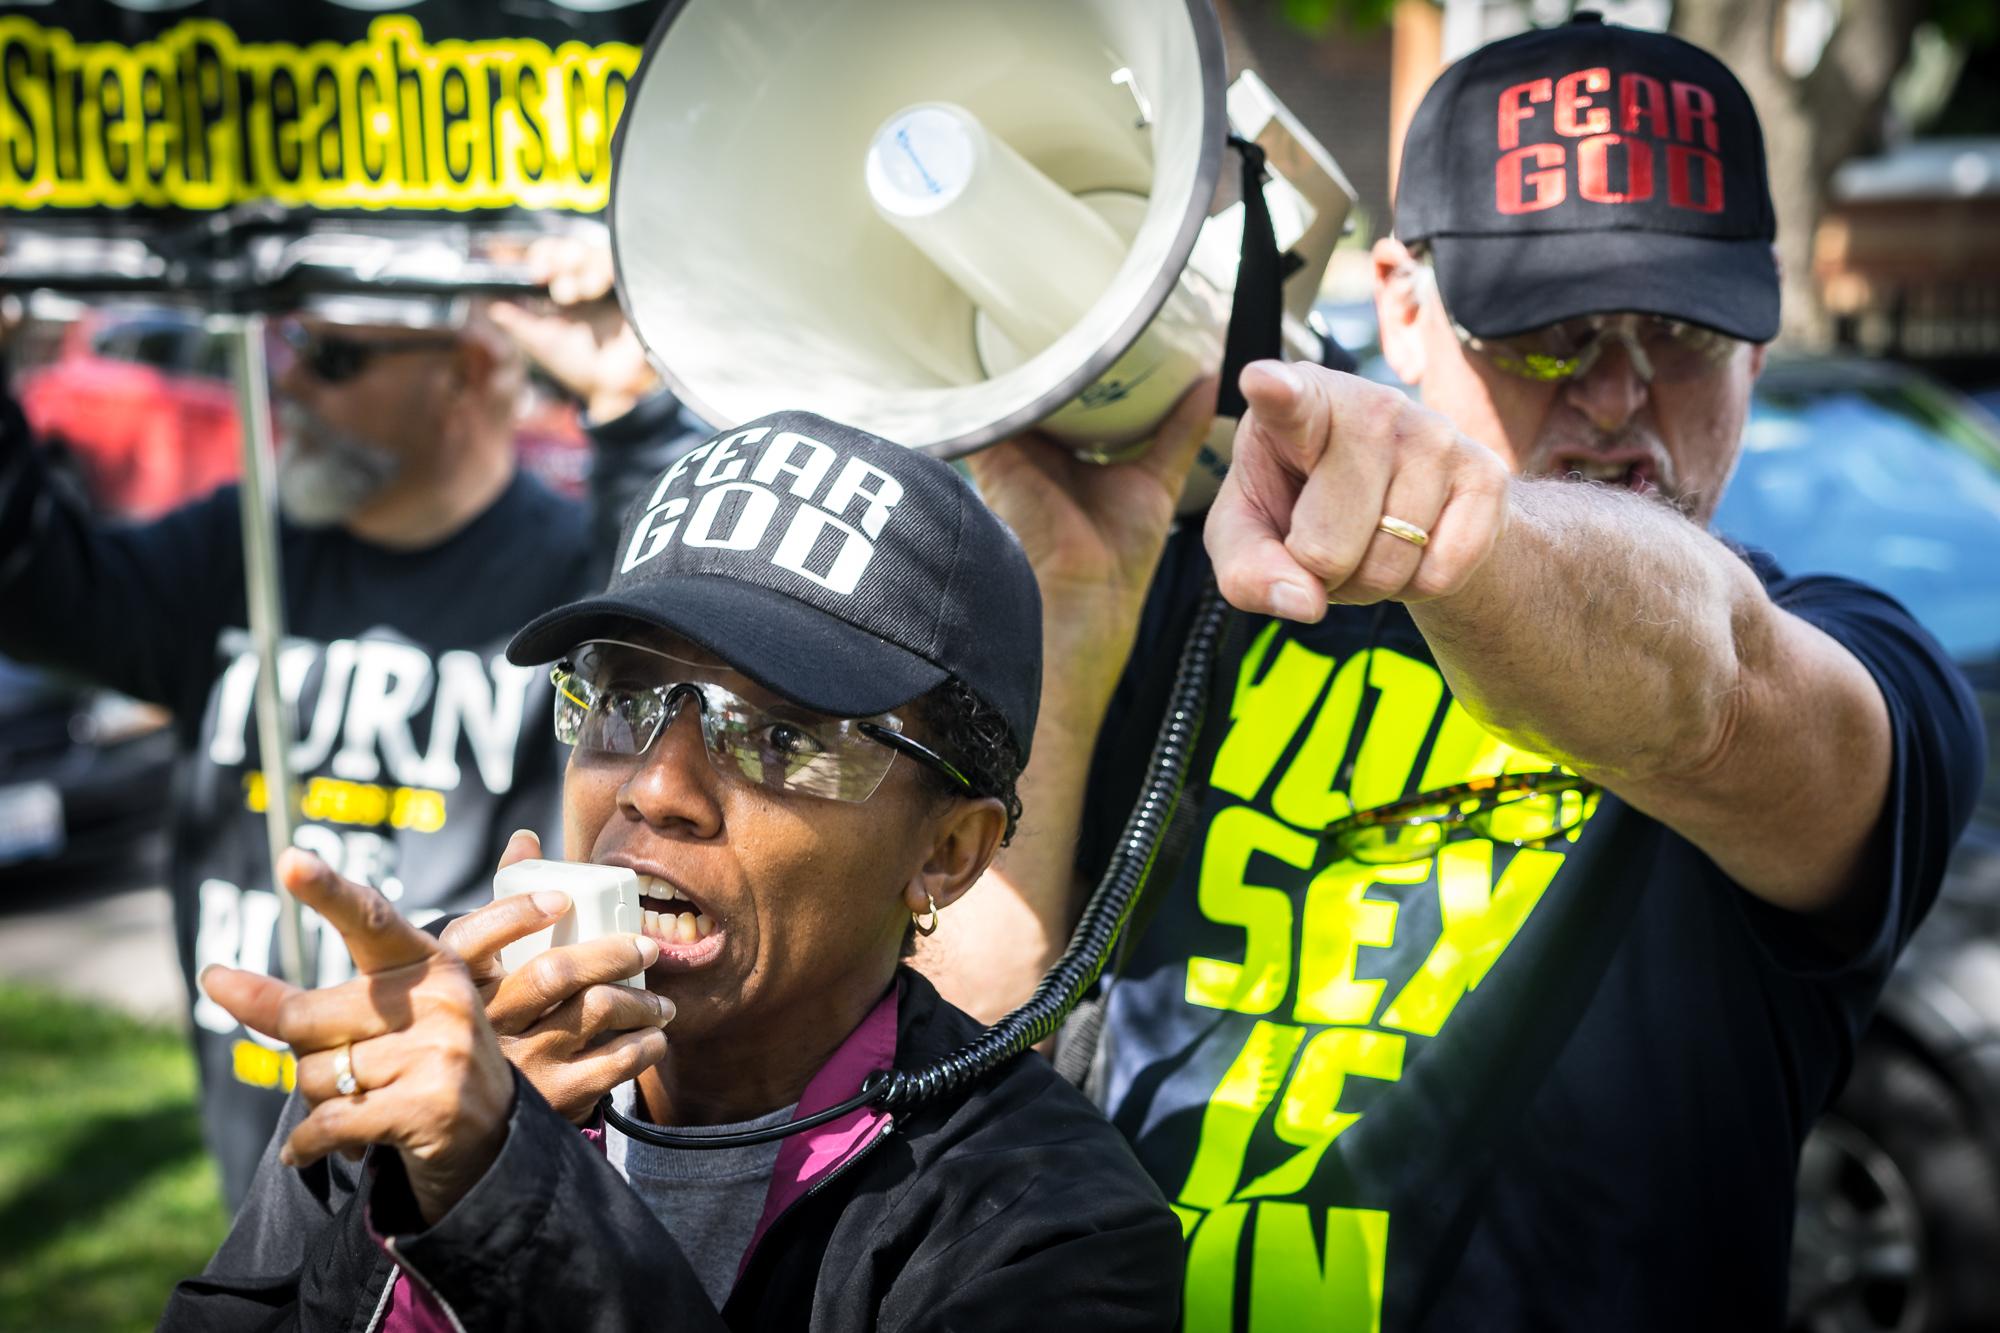 Chicago Street Preachers